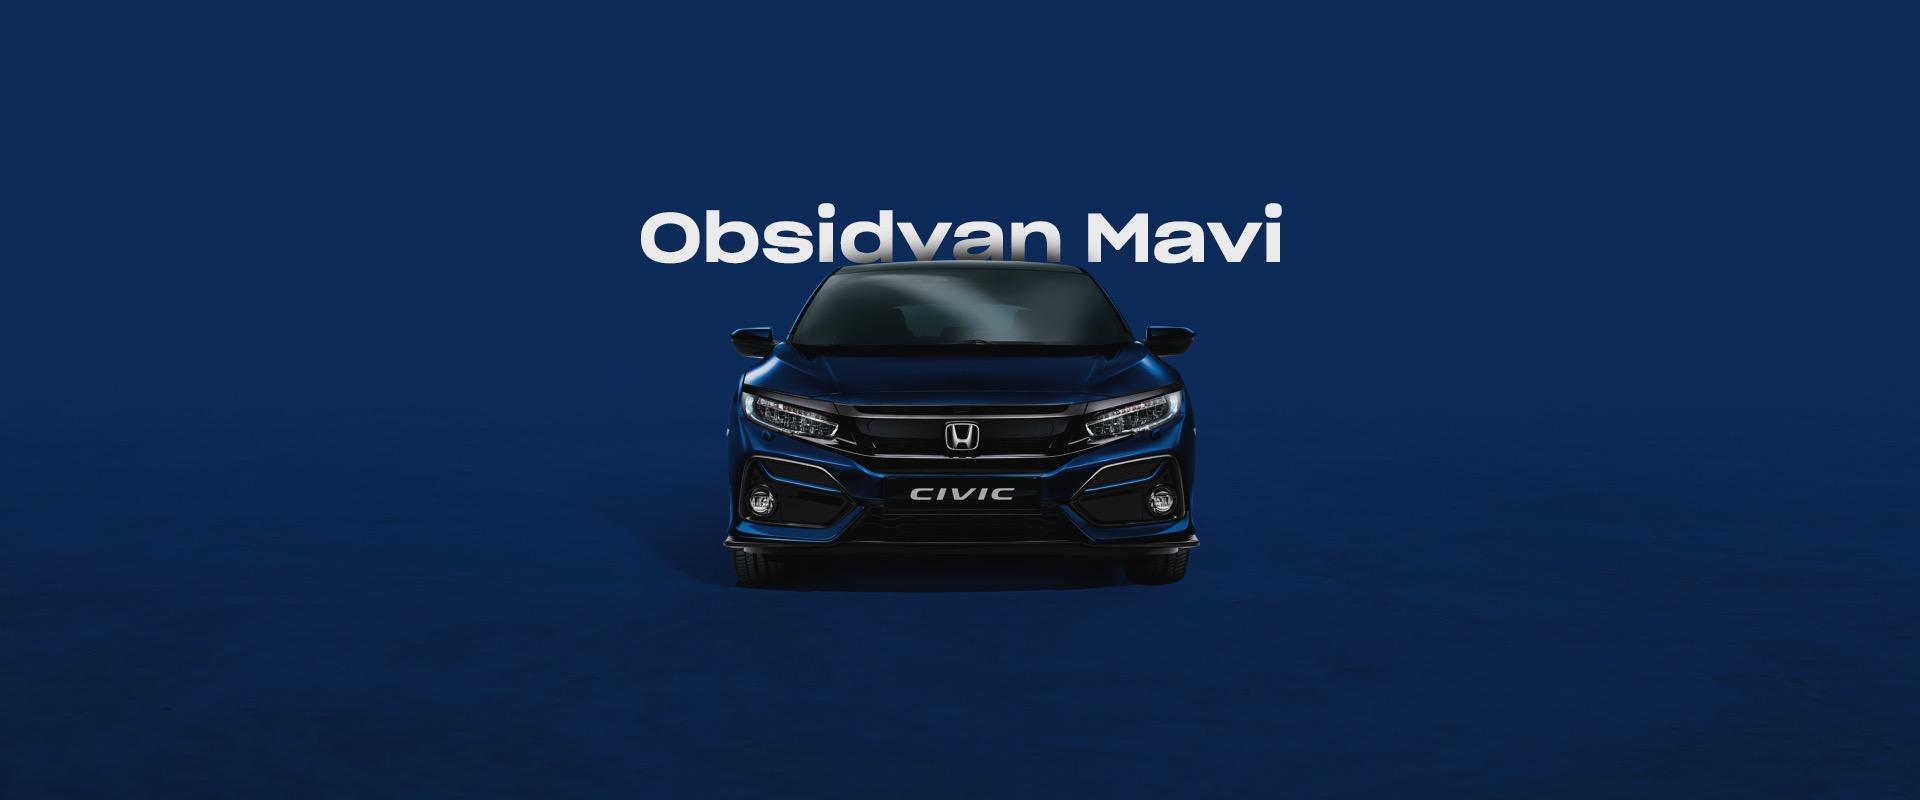 Honda Plaza  Şen Obsidyan Mavi